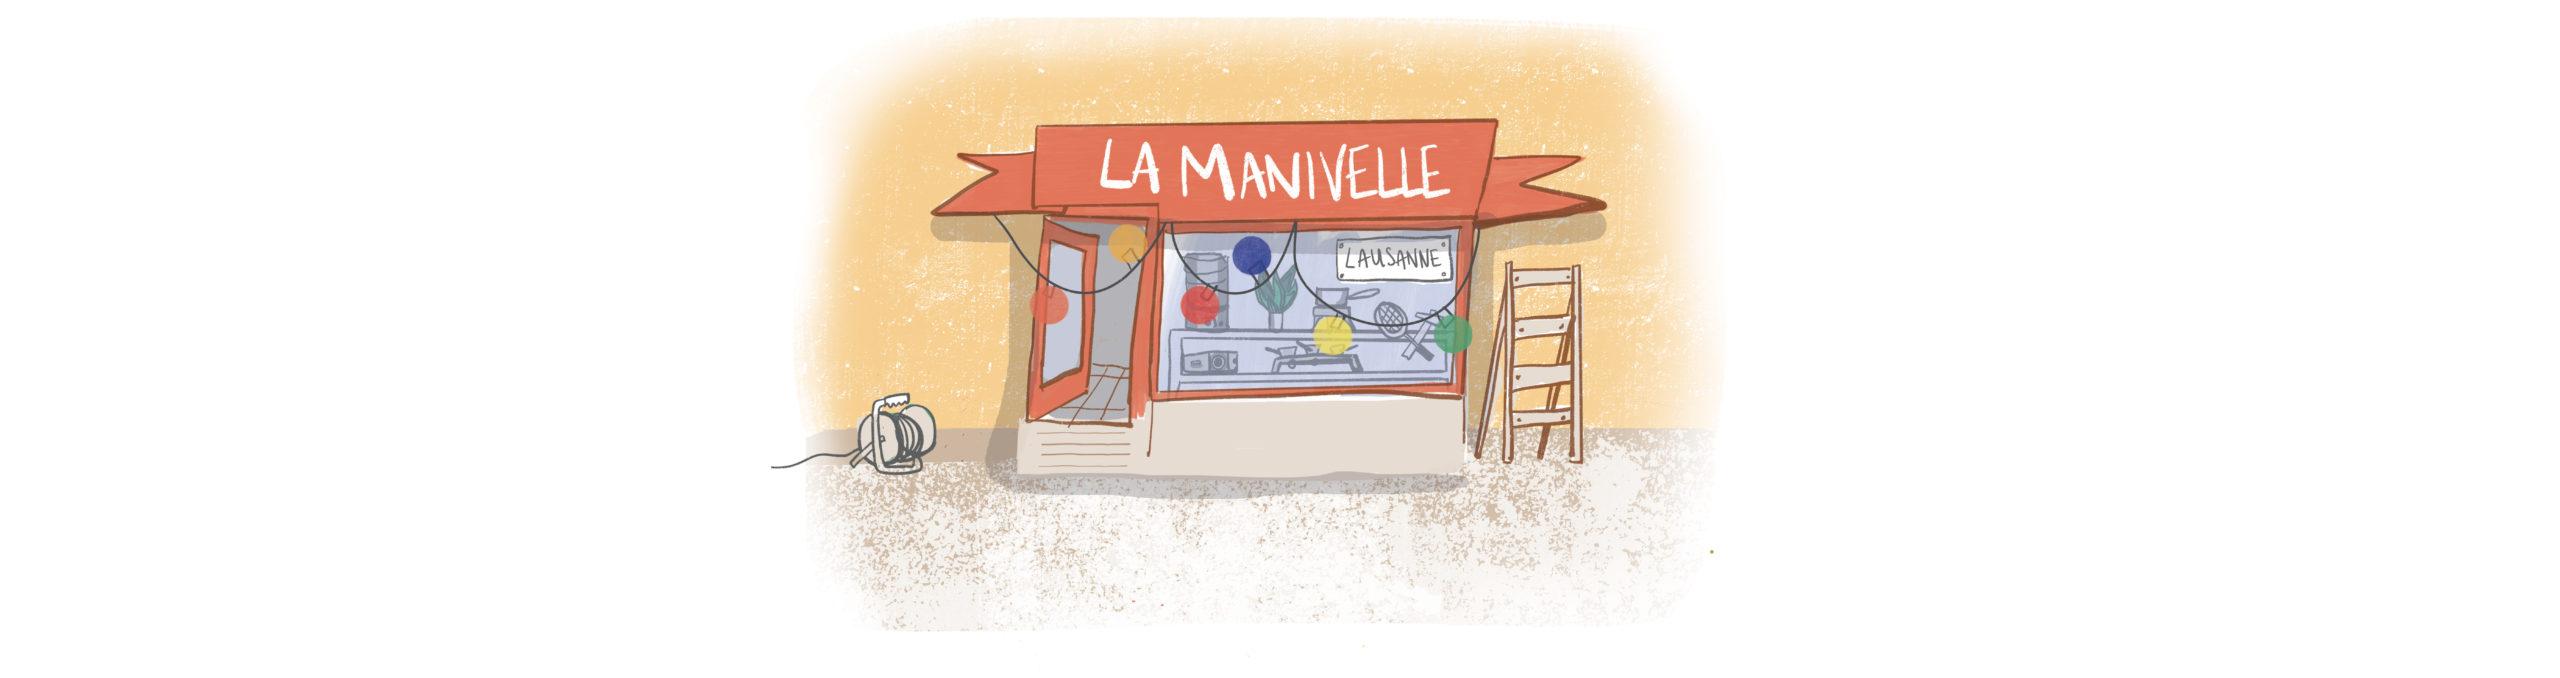 Bandeau pour le web la manivelle Lausanne